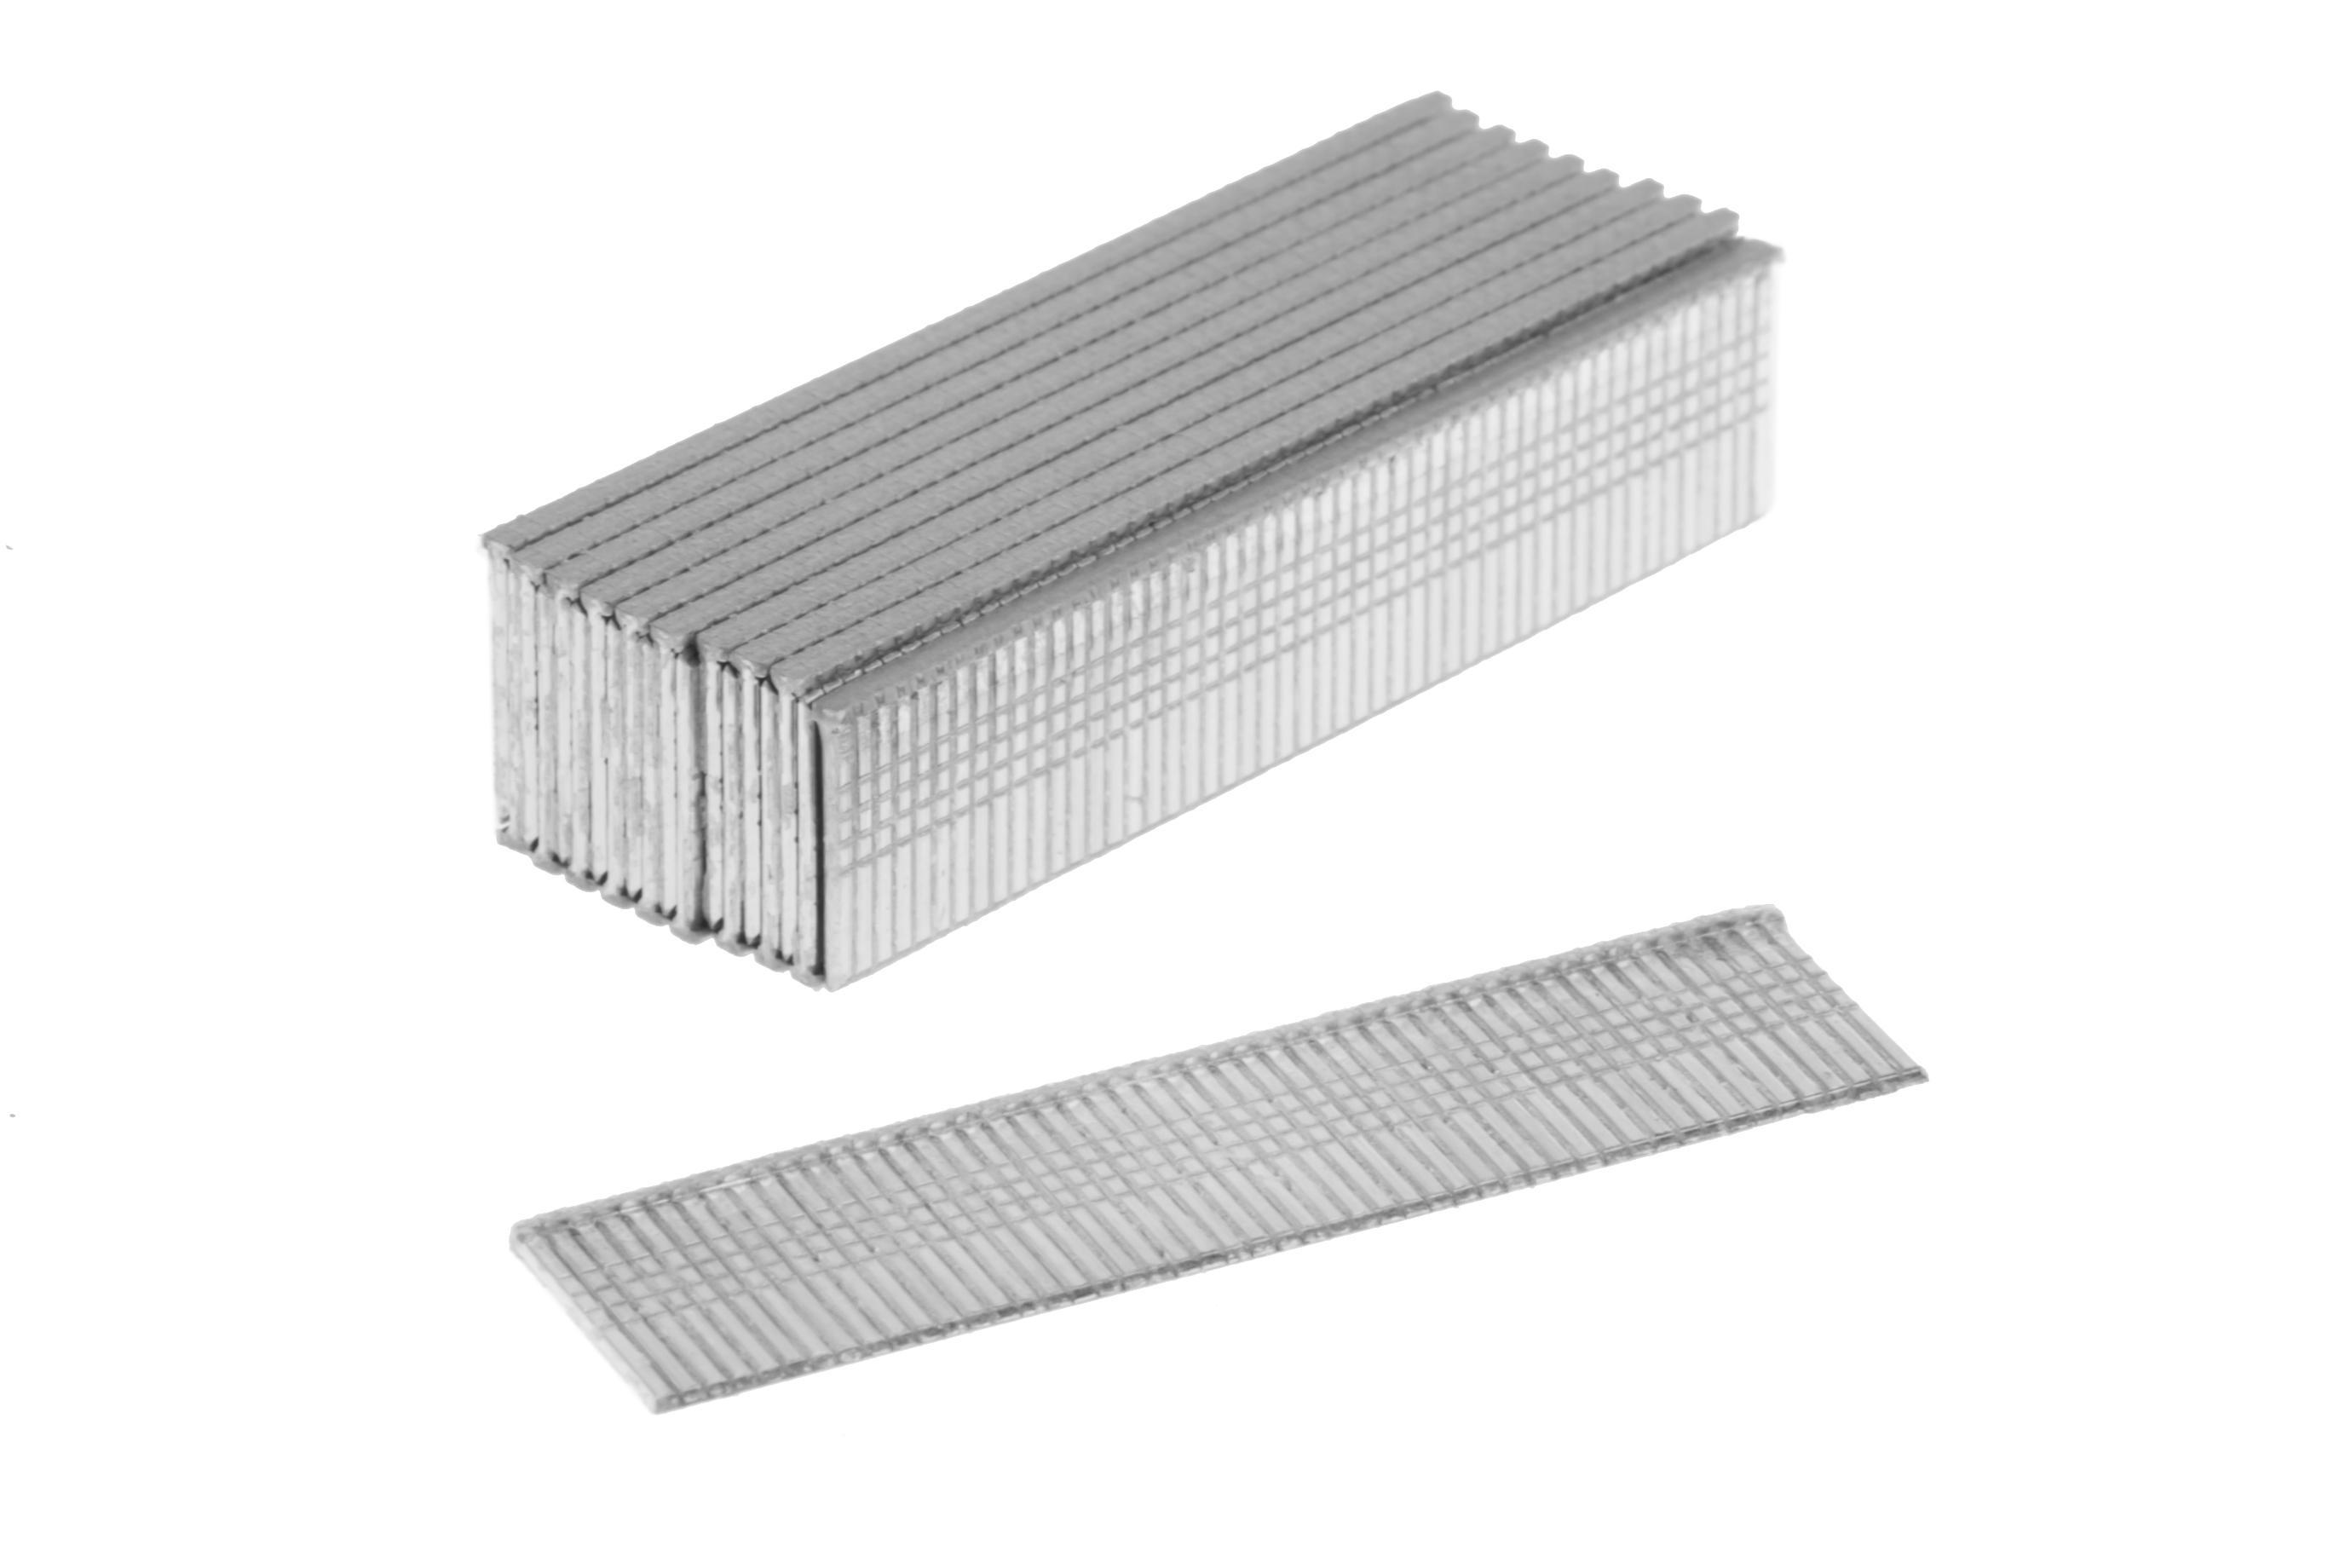 Гвозди для степлера Hammer Гвозди 14мм, 1.2 мм, Т-образ. (тип300) гвозди для степлера matrix 57614